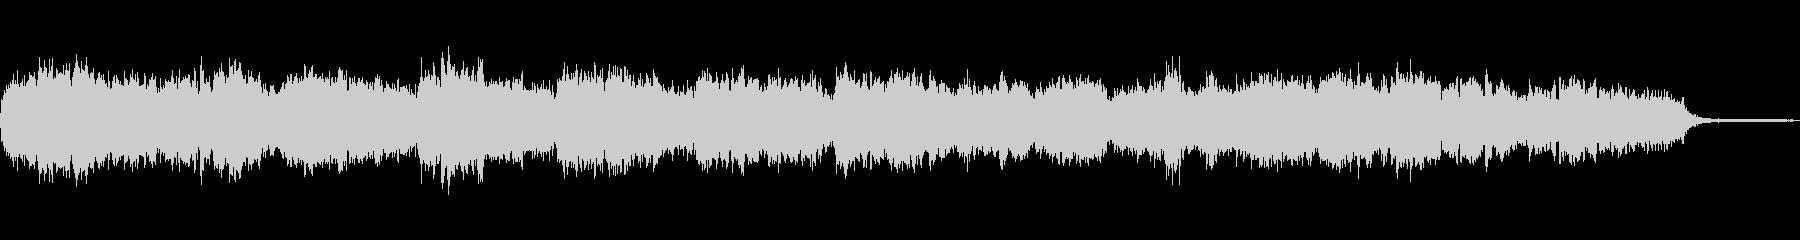 幻想的な曲の5重唱合唱オリジナル曲の未再生の波形